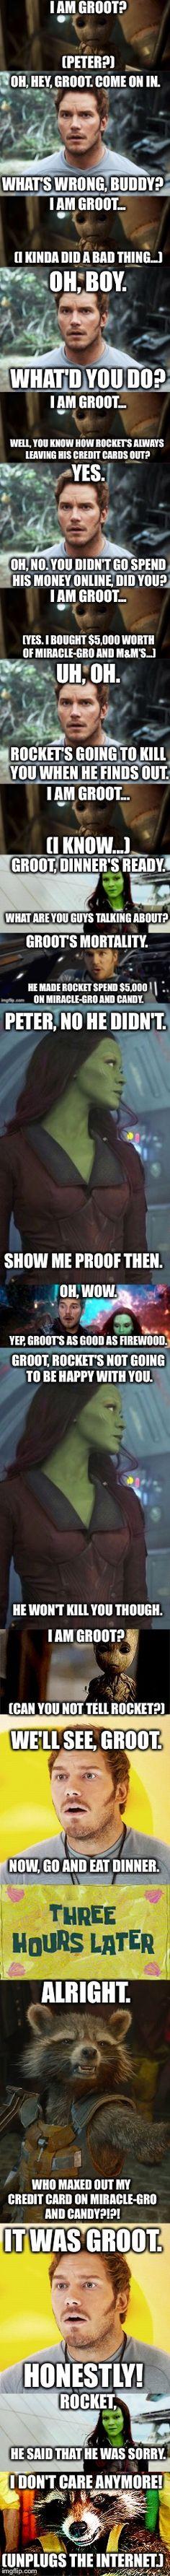 Groot's Internet Adventures